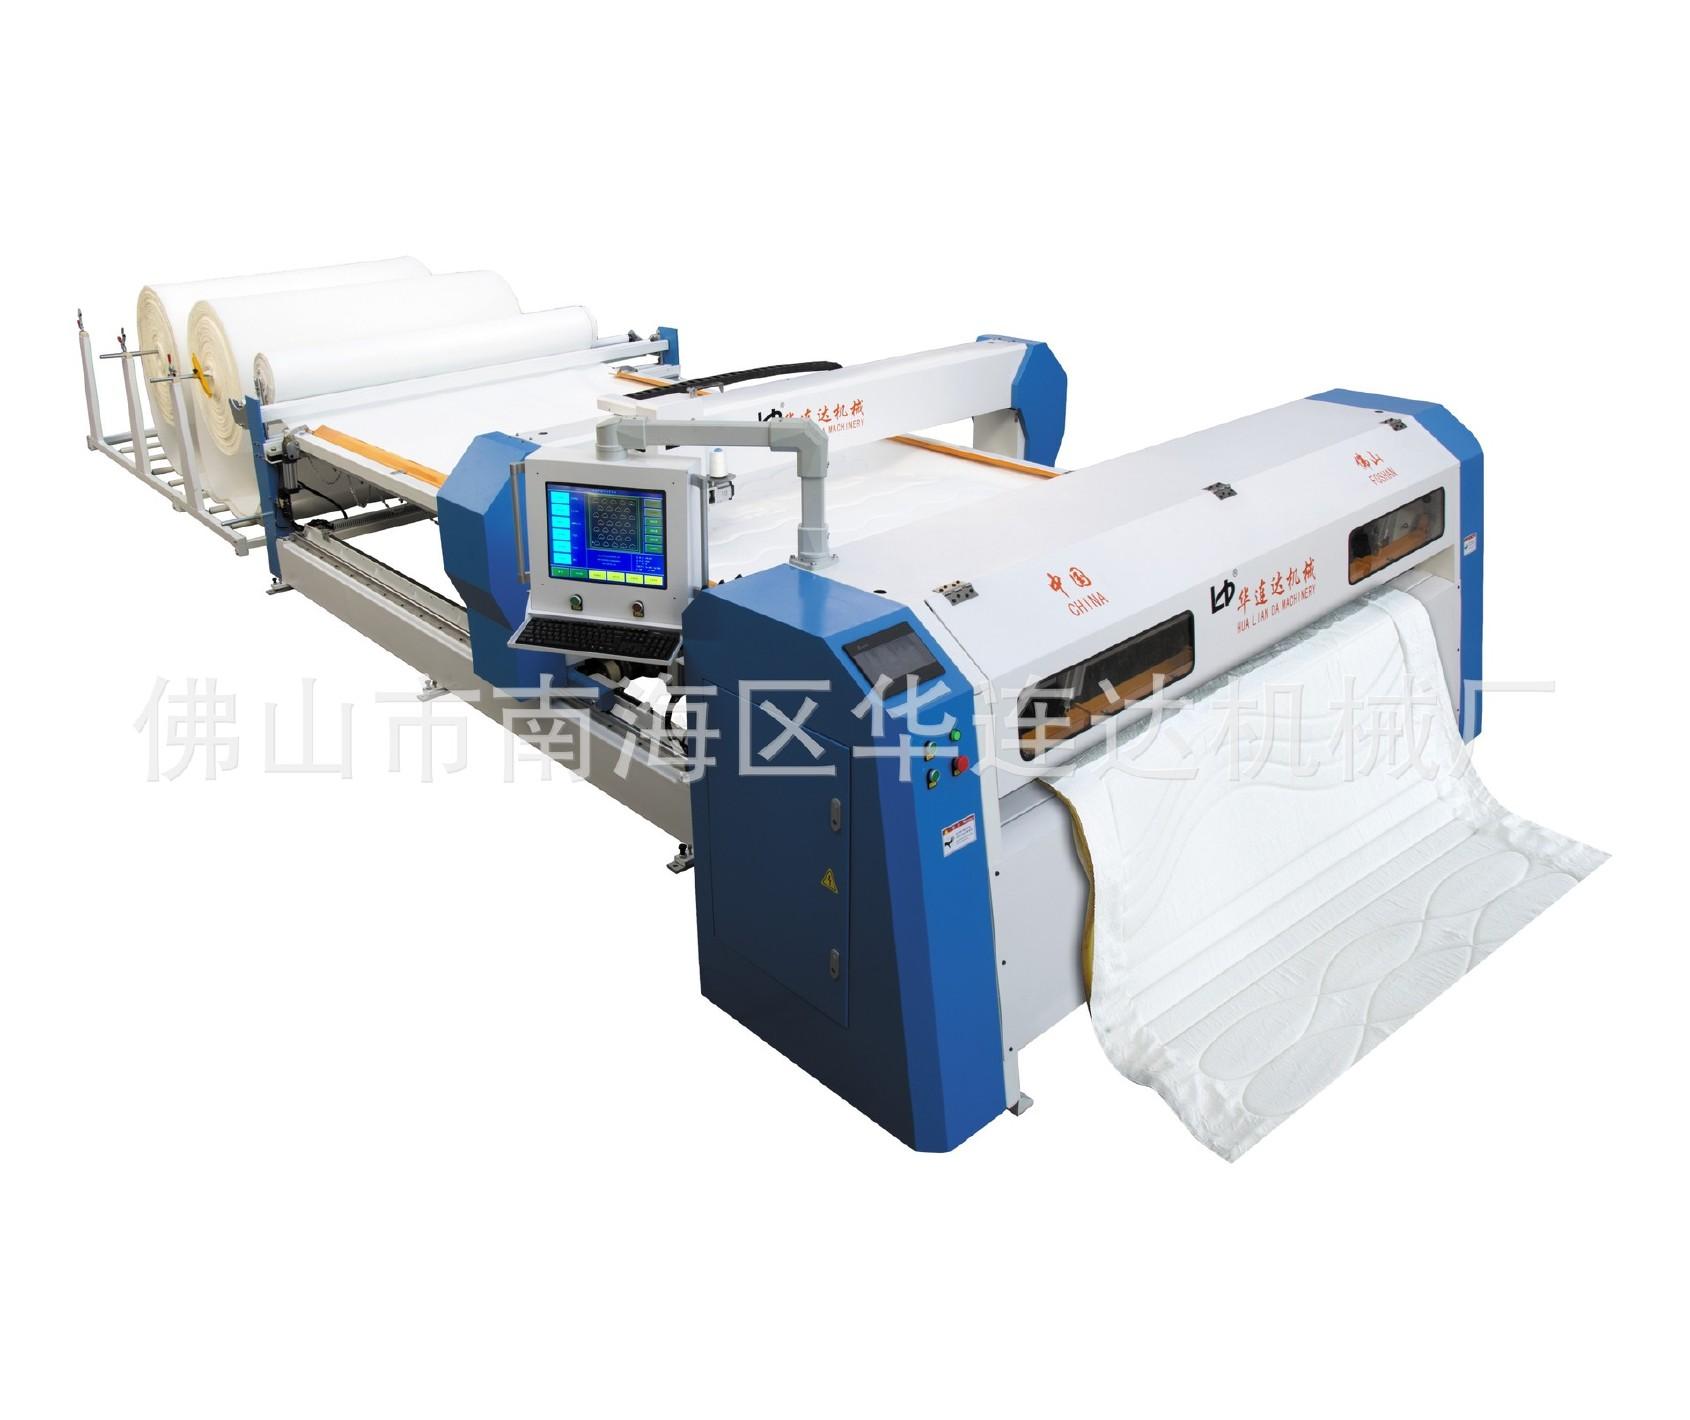 多功能觸屏電腦自動單針機 可用于絎縫獨立花型床墊等床上用品